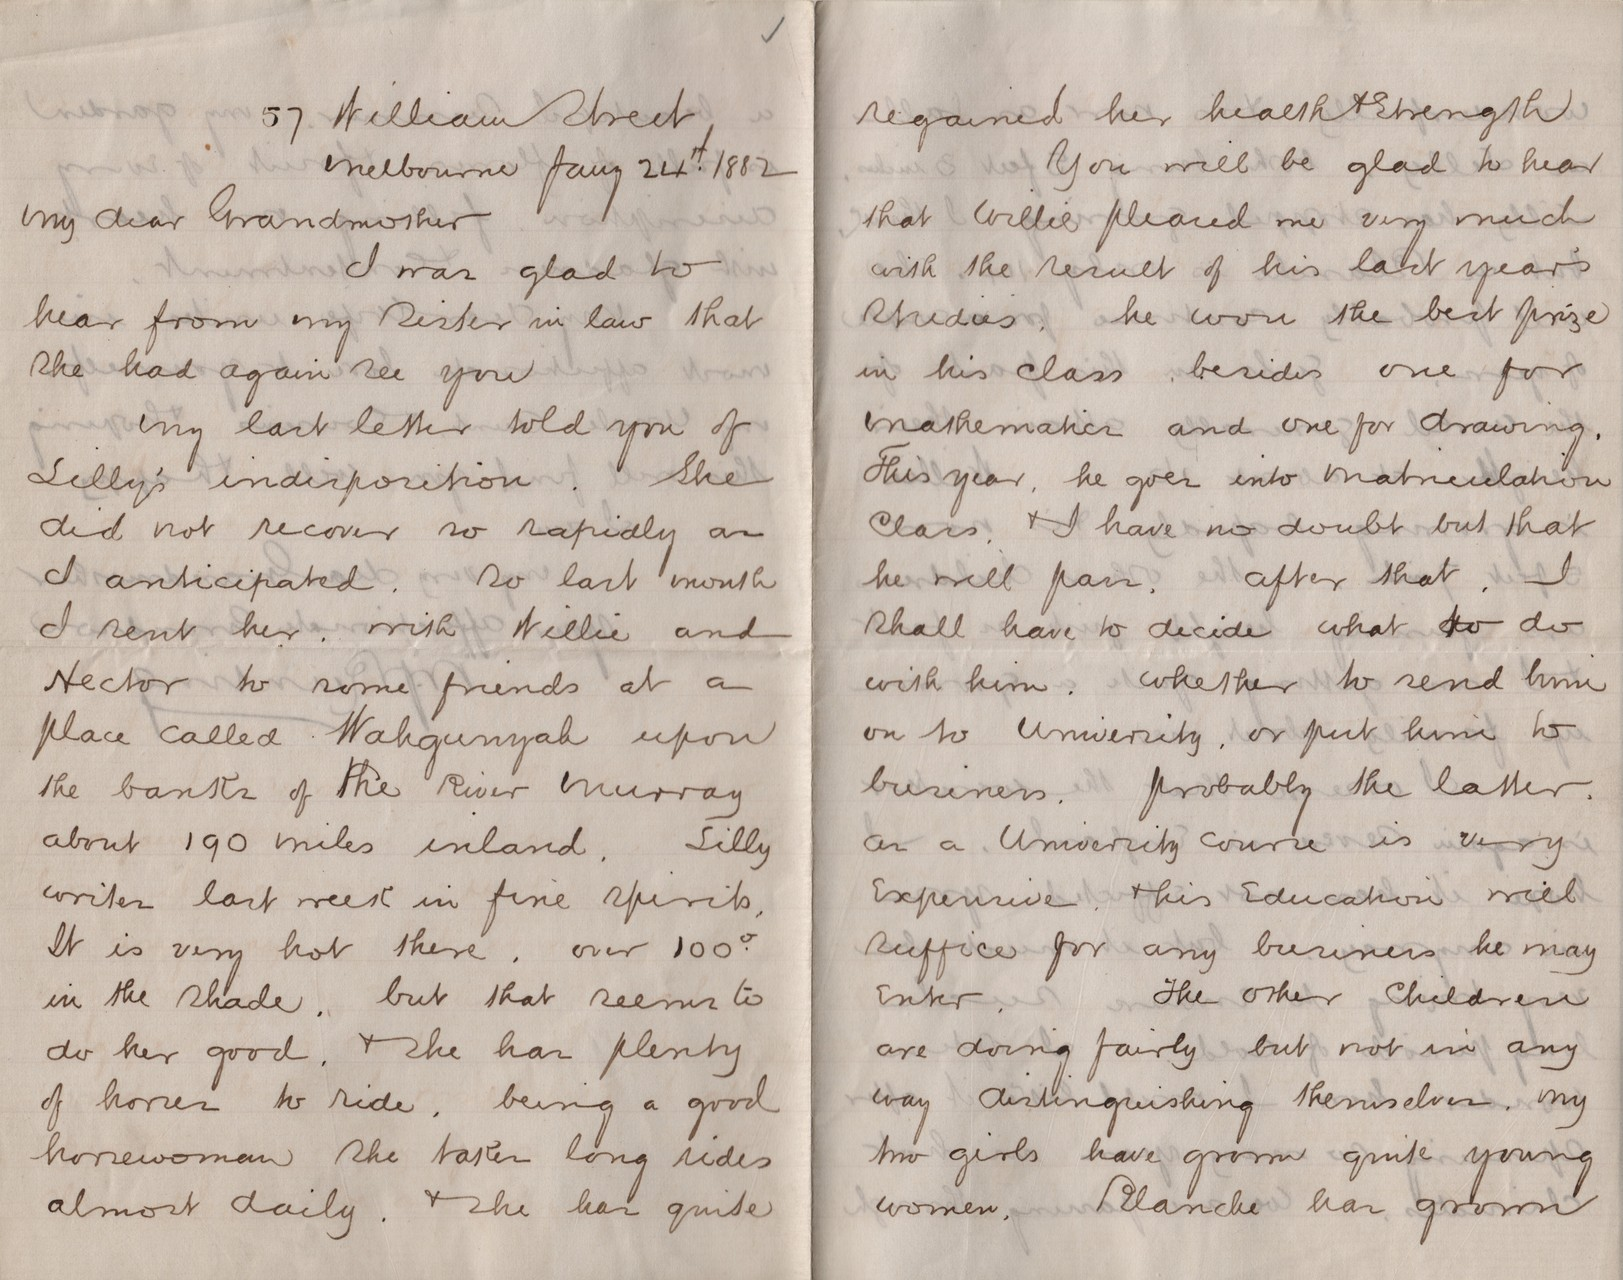 1882 January 24th